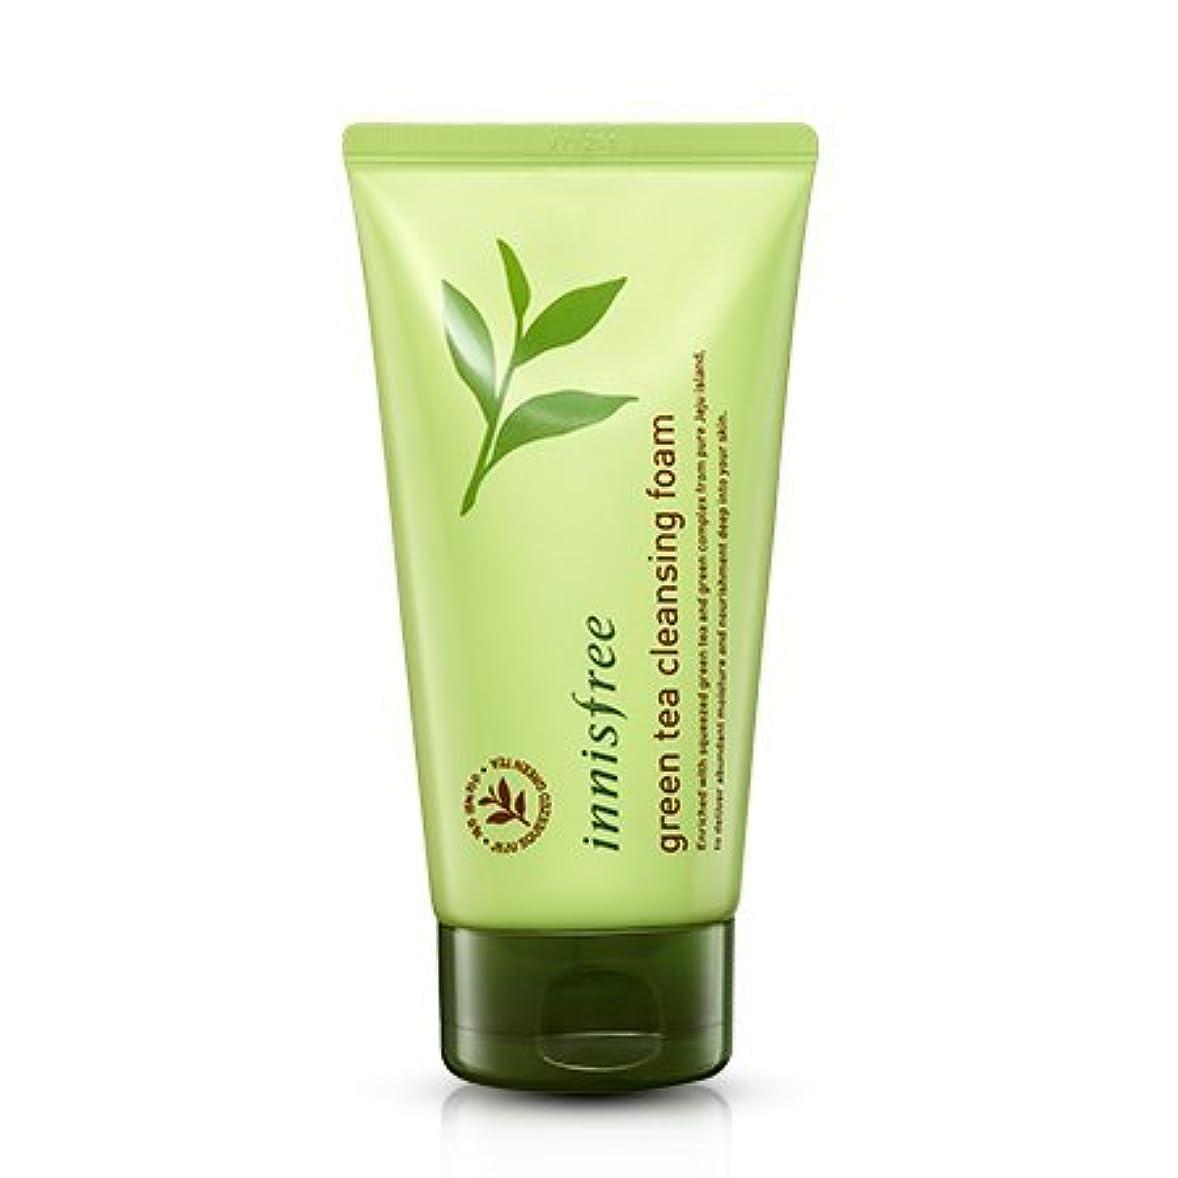 リース細心のインド(Innisfree イニスフリー) GREEN TEA CLEANSING FOAM グリーンティー クレンジング フォーム 洗顔フォーム 洗顔料